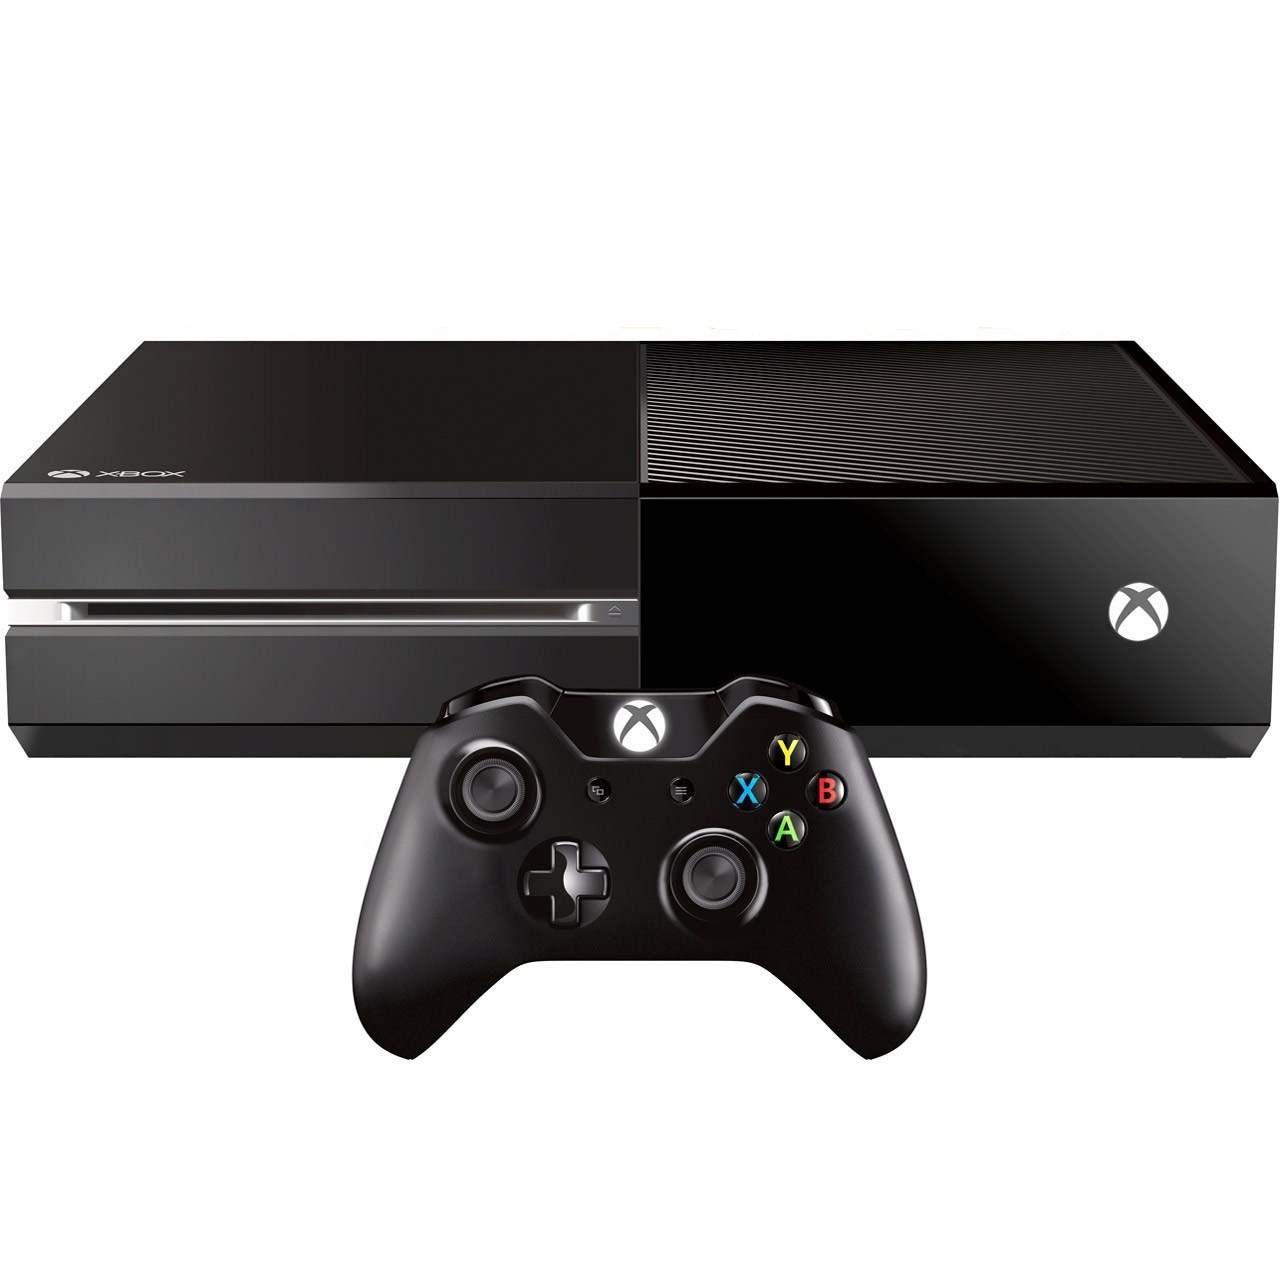 کنسول بازی مایکروسافت مدل Xbox One ظرفیت 1 ترابایت | Microsoft Xbox One 1TB Game Console